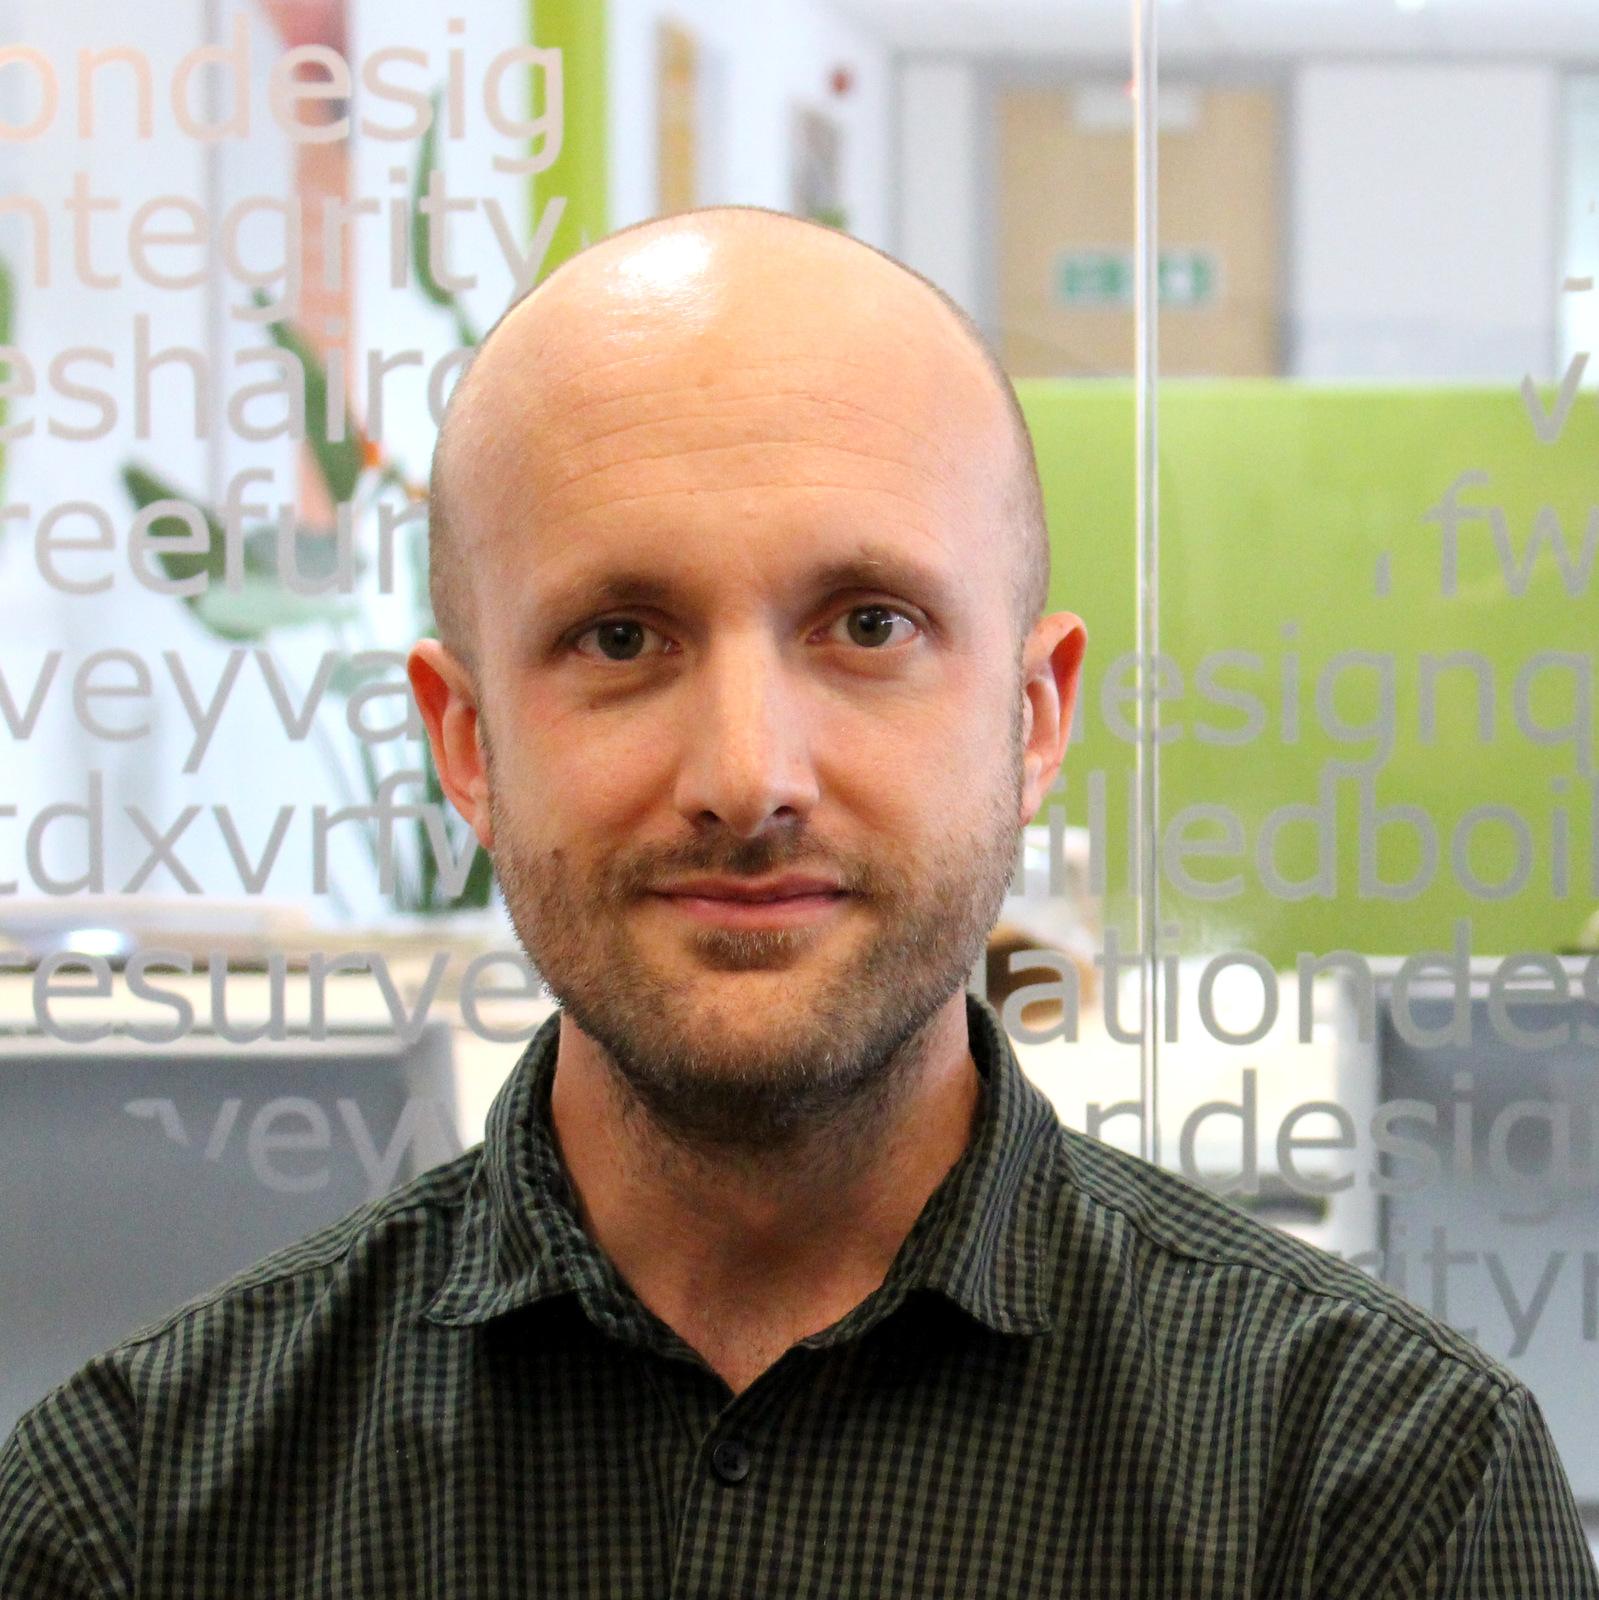 Senior Design Consultant Iain Kyle